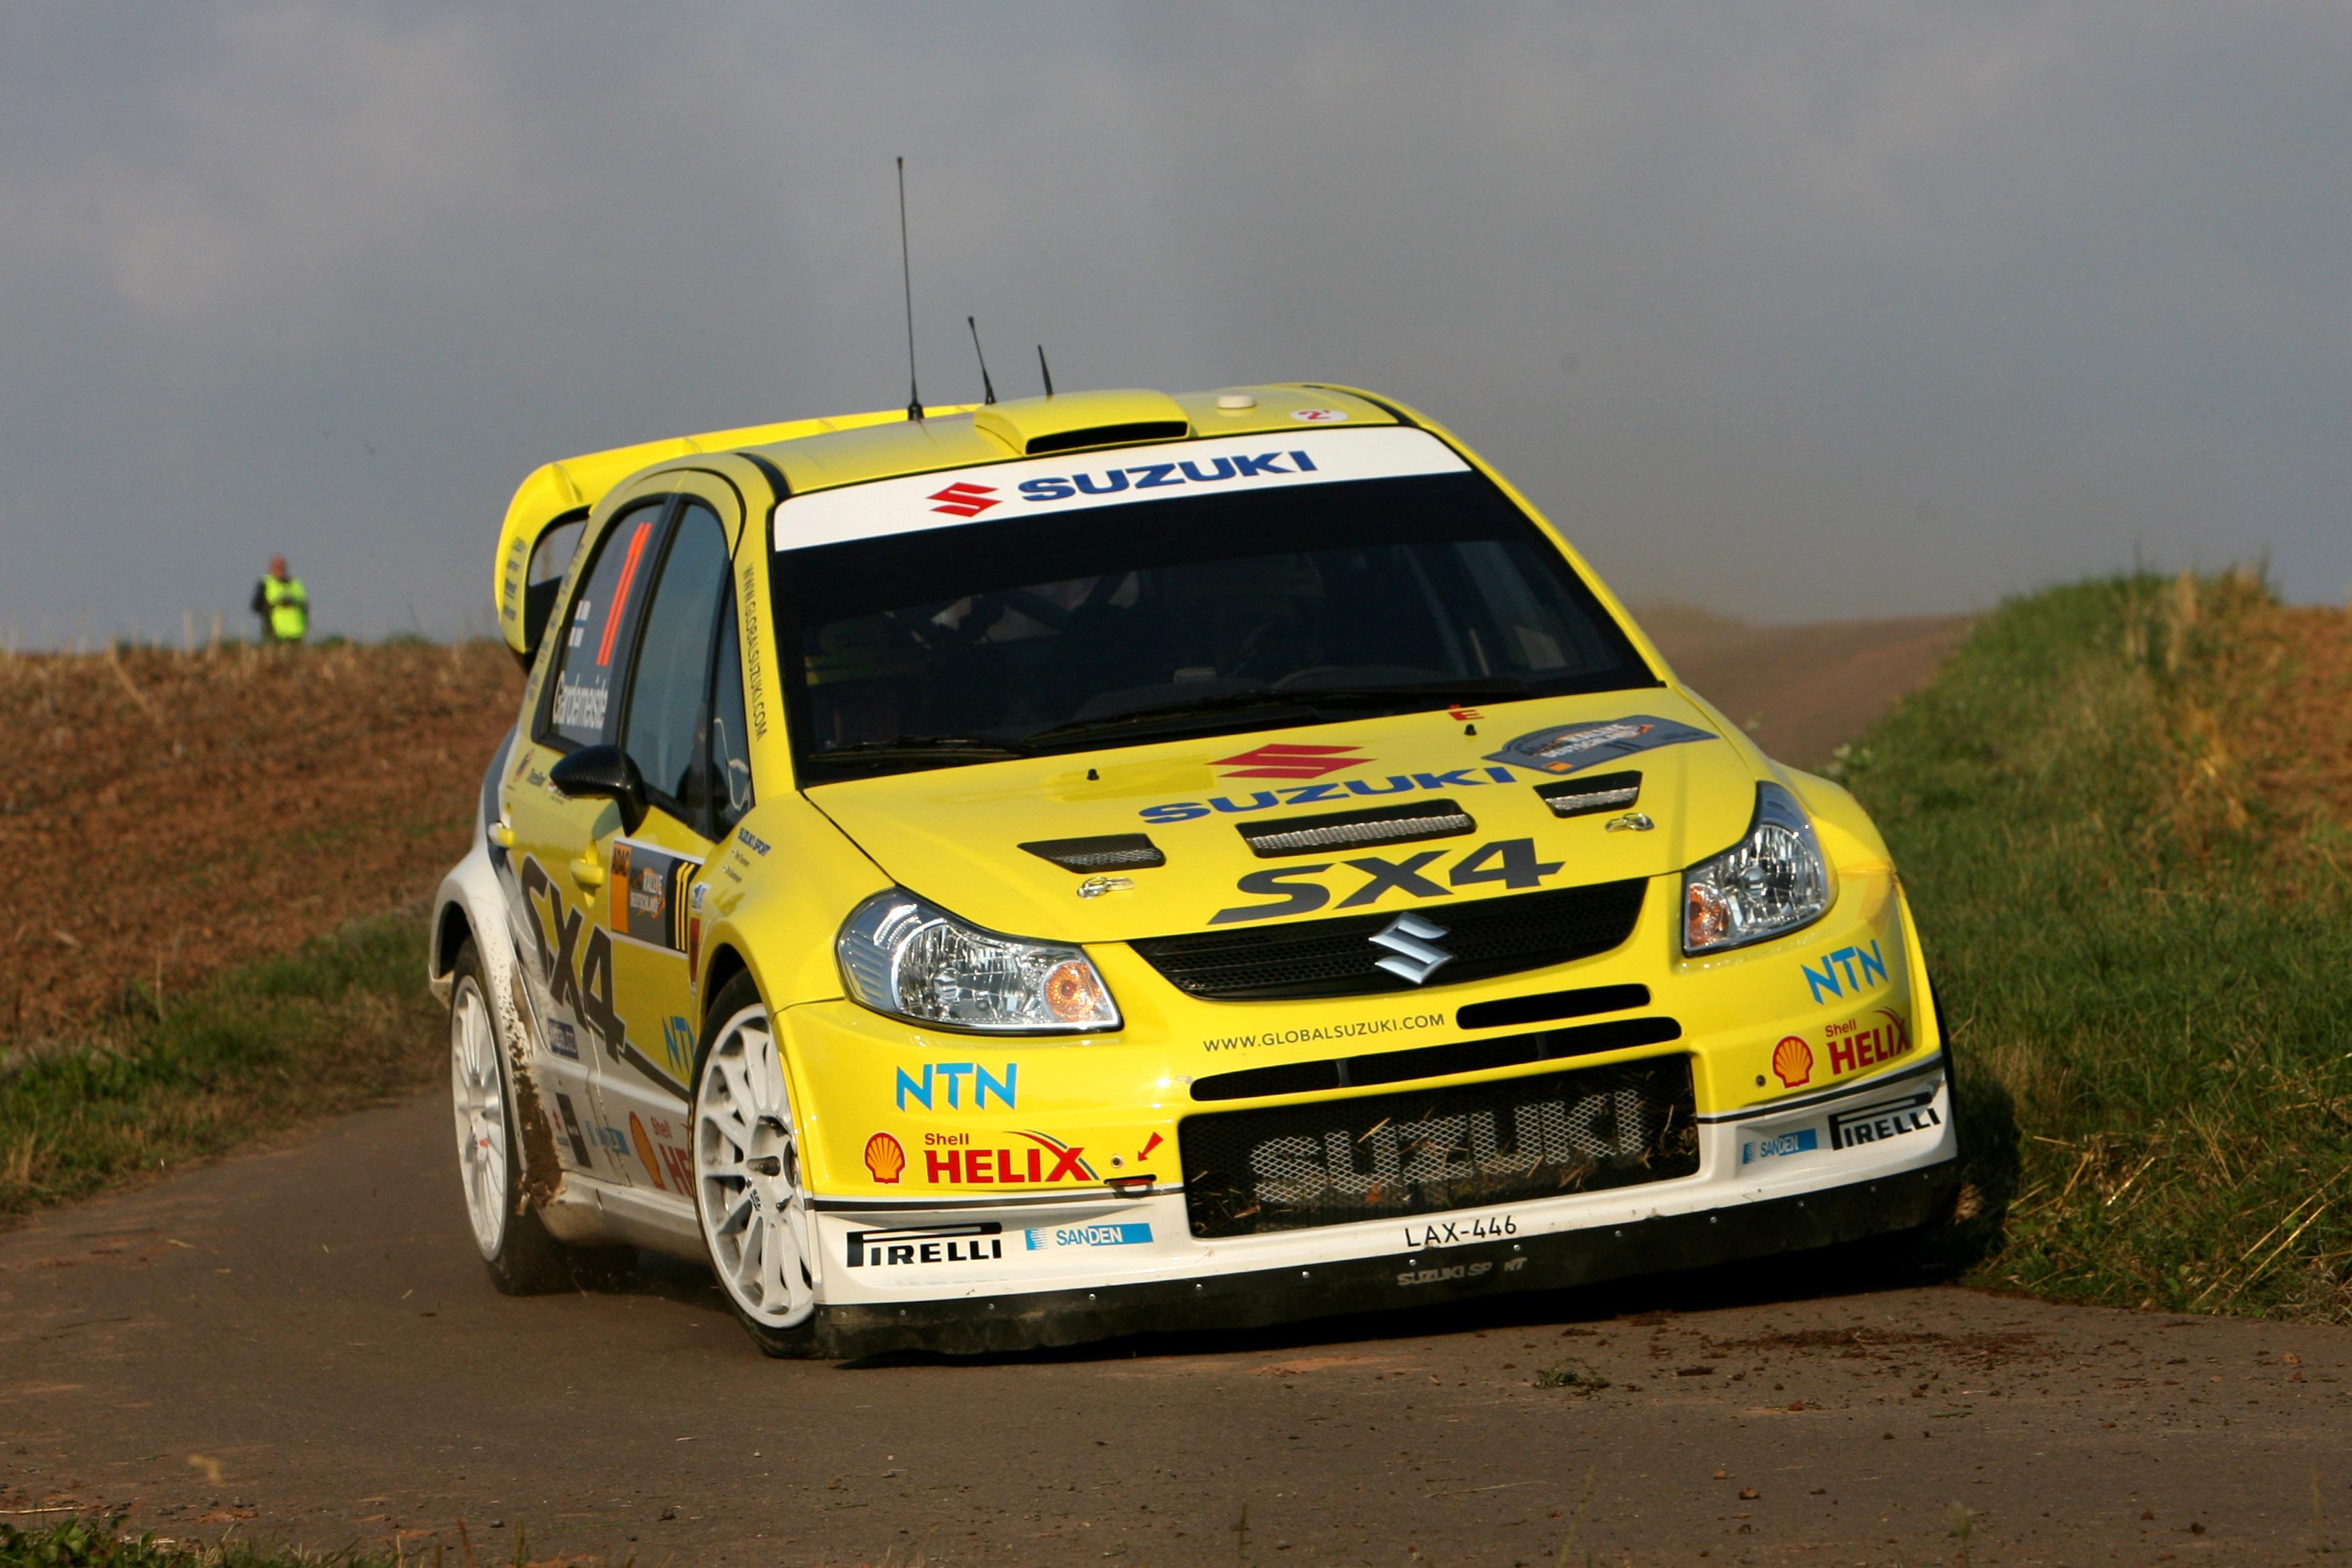 źródło: racingcars.com